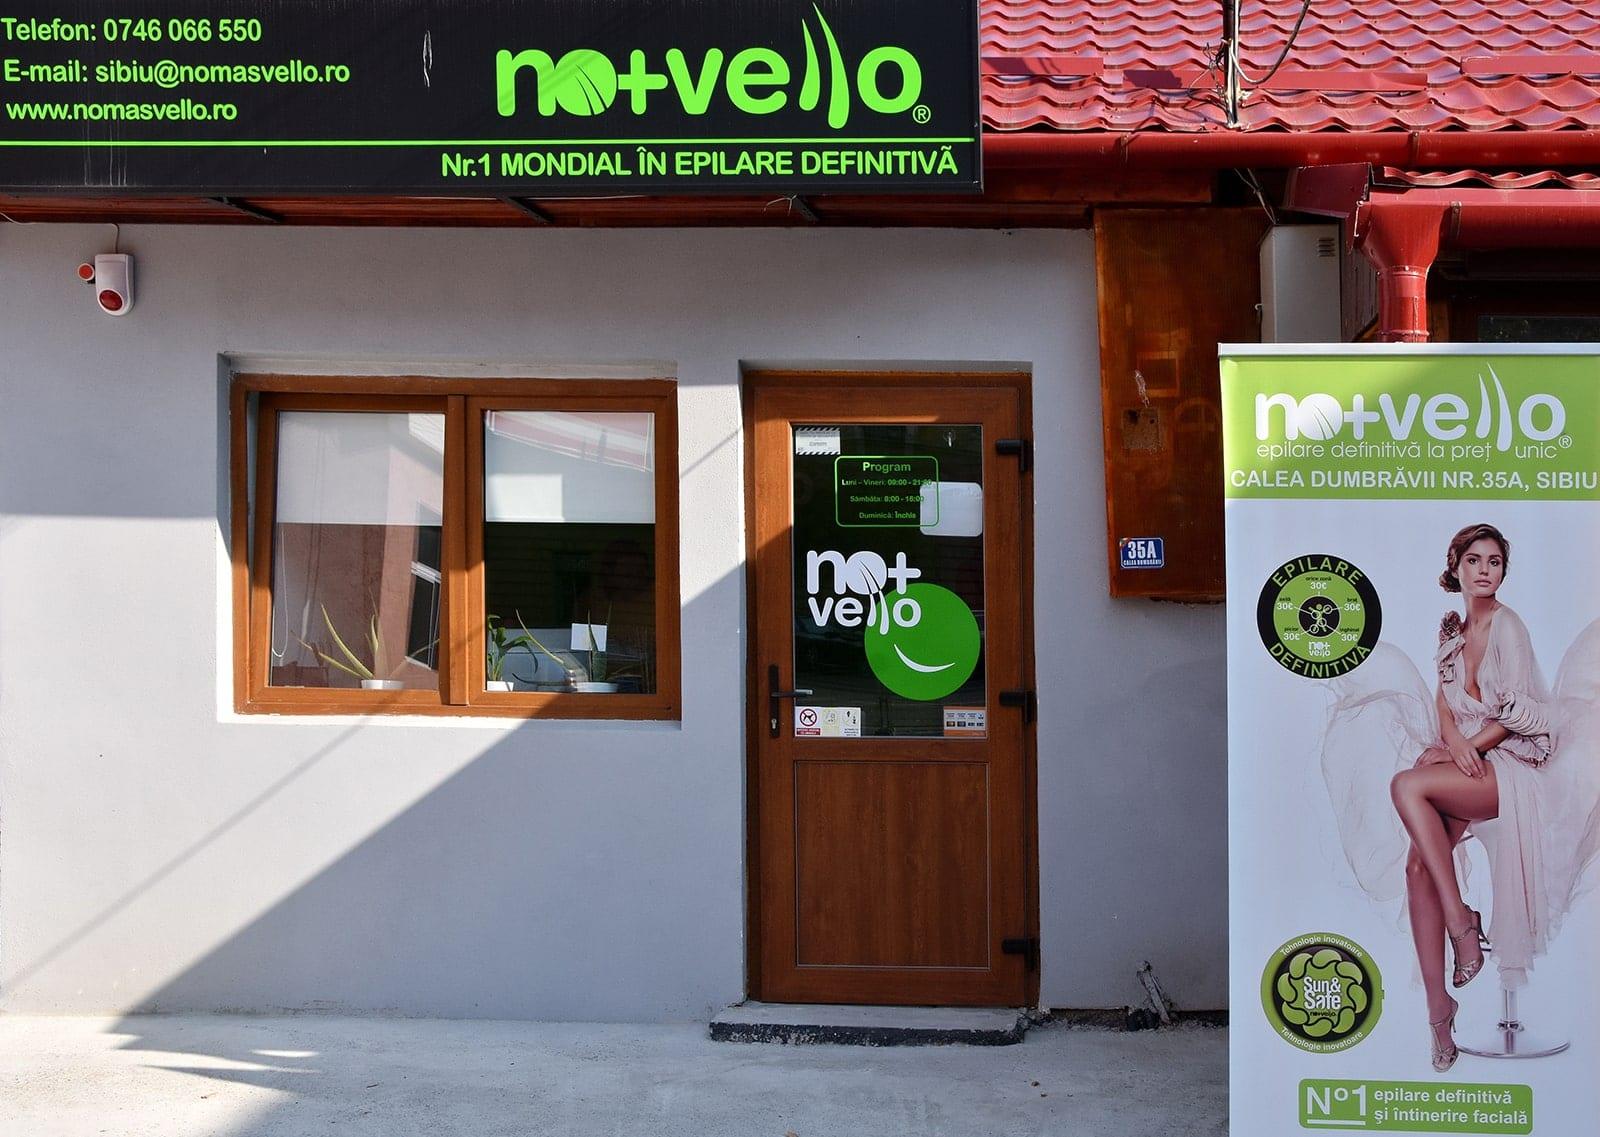 Salon Epilare Definitiva Tratamente Faciale Sibiu Nomasvello